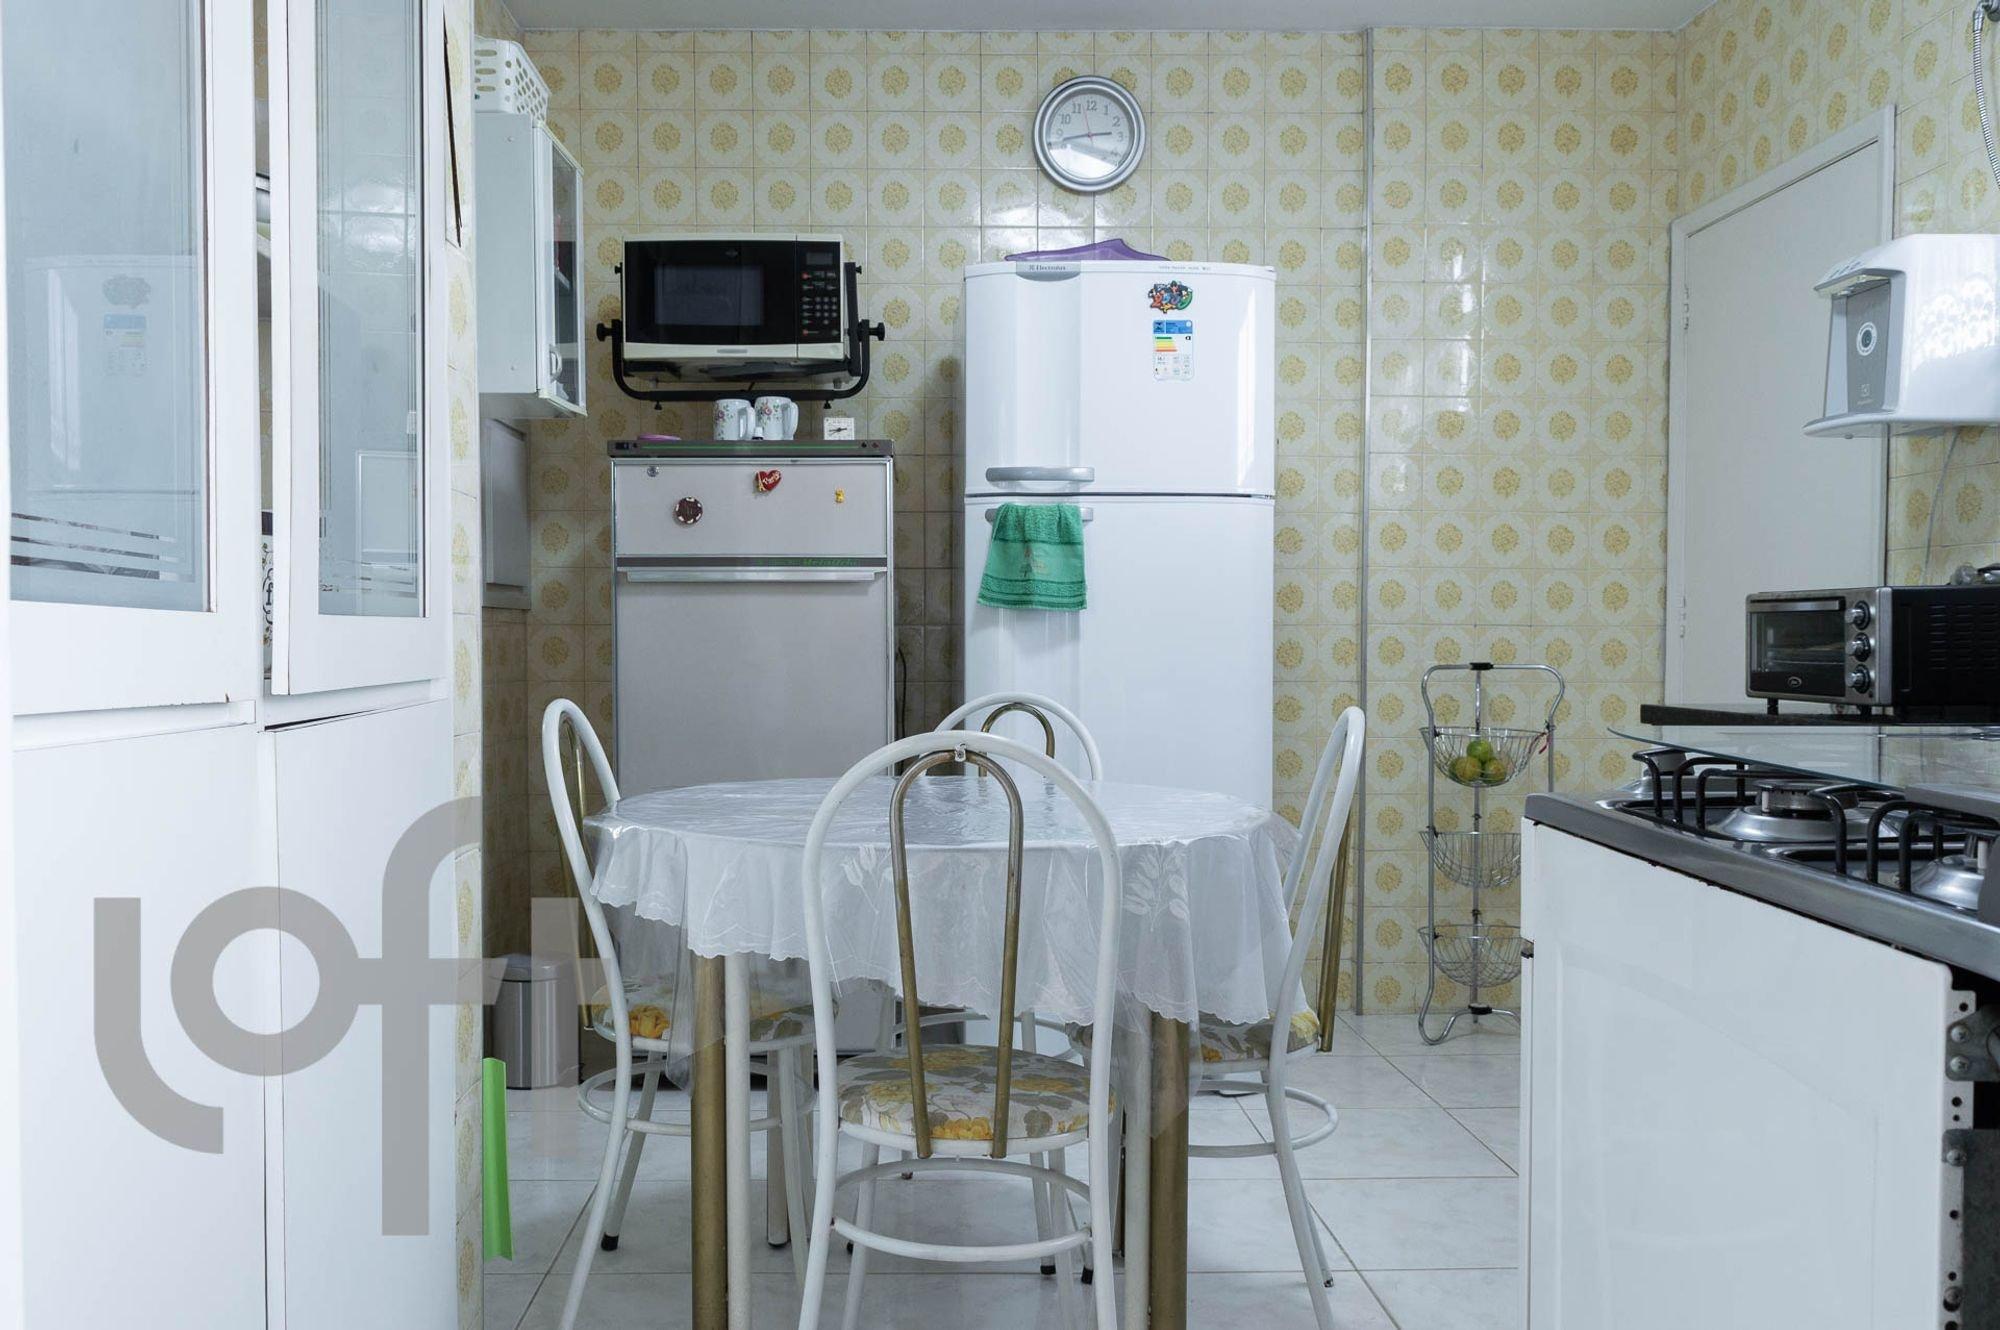 Foto de Cozinha com relógio, geladeira, cadeira, microondas, mesa de jantar